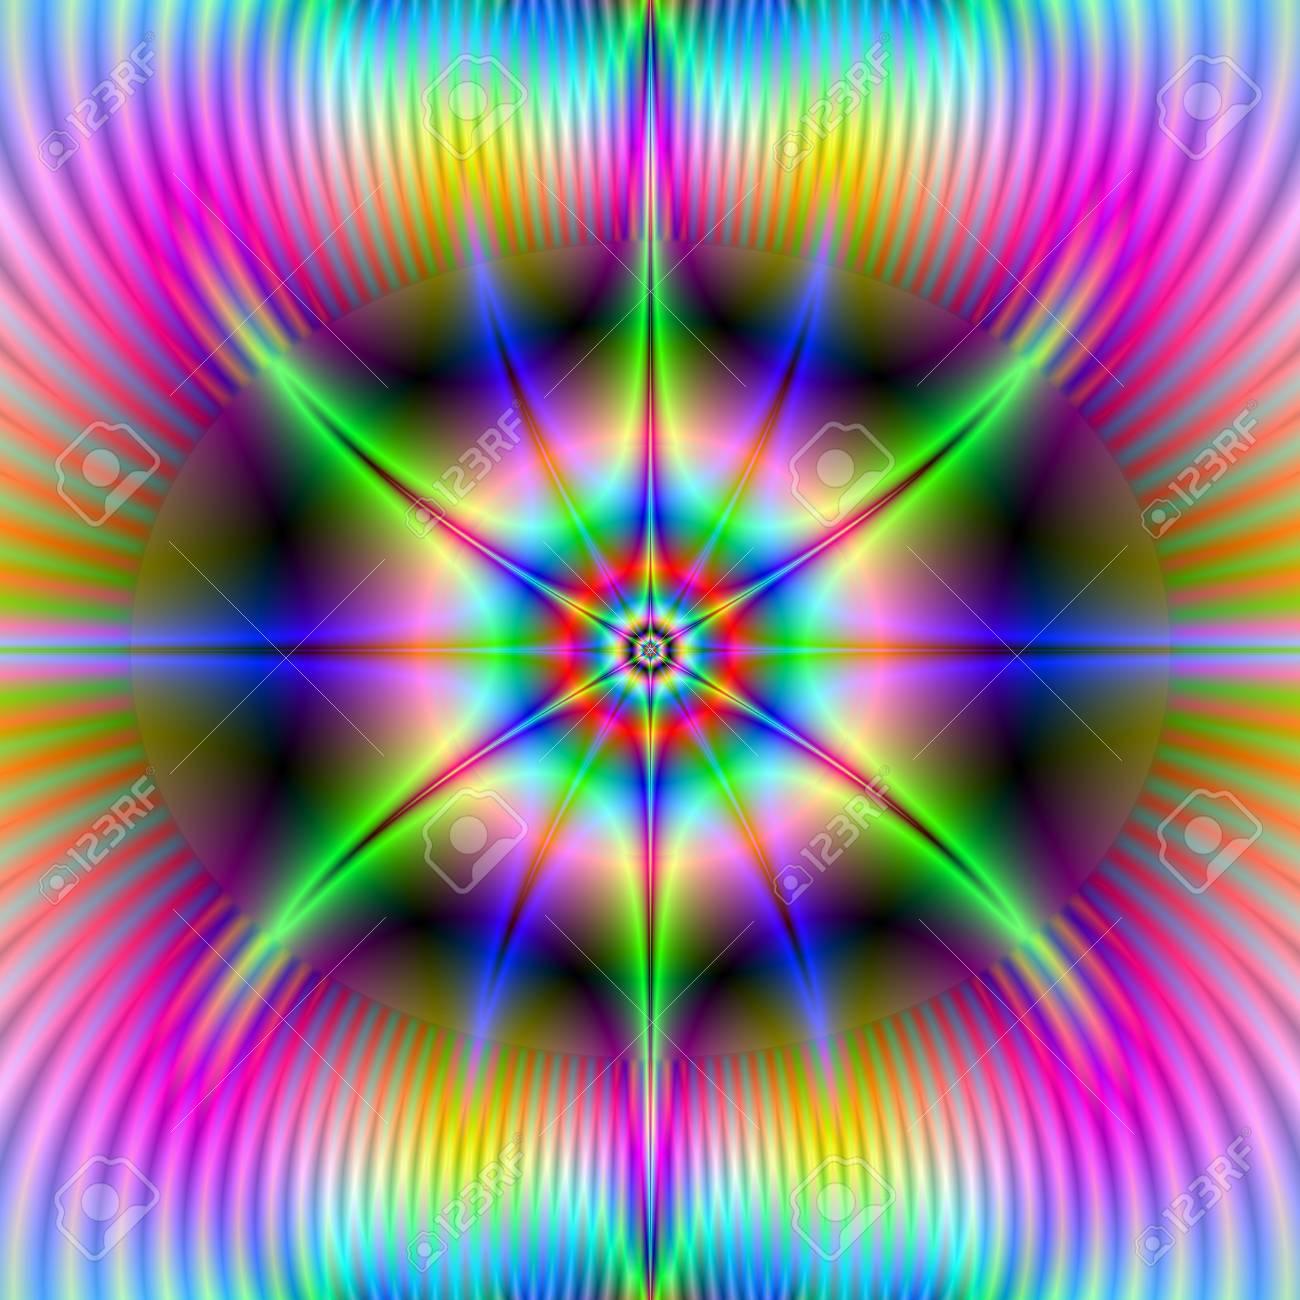 Astado Estrella Una Imagen Fractal Abstracto Digital Con Un Diseño ...